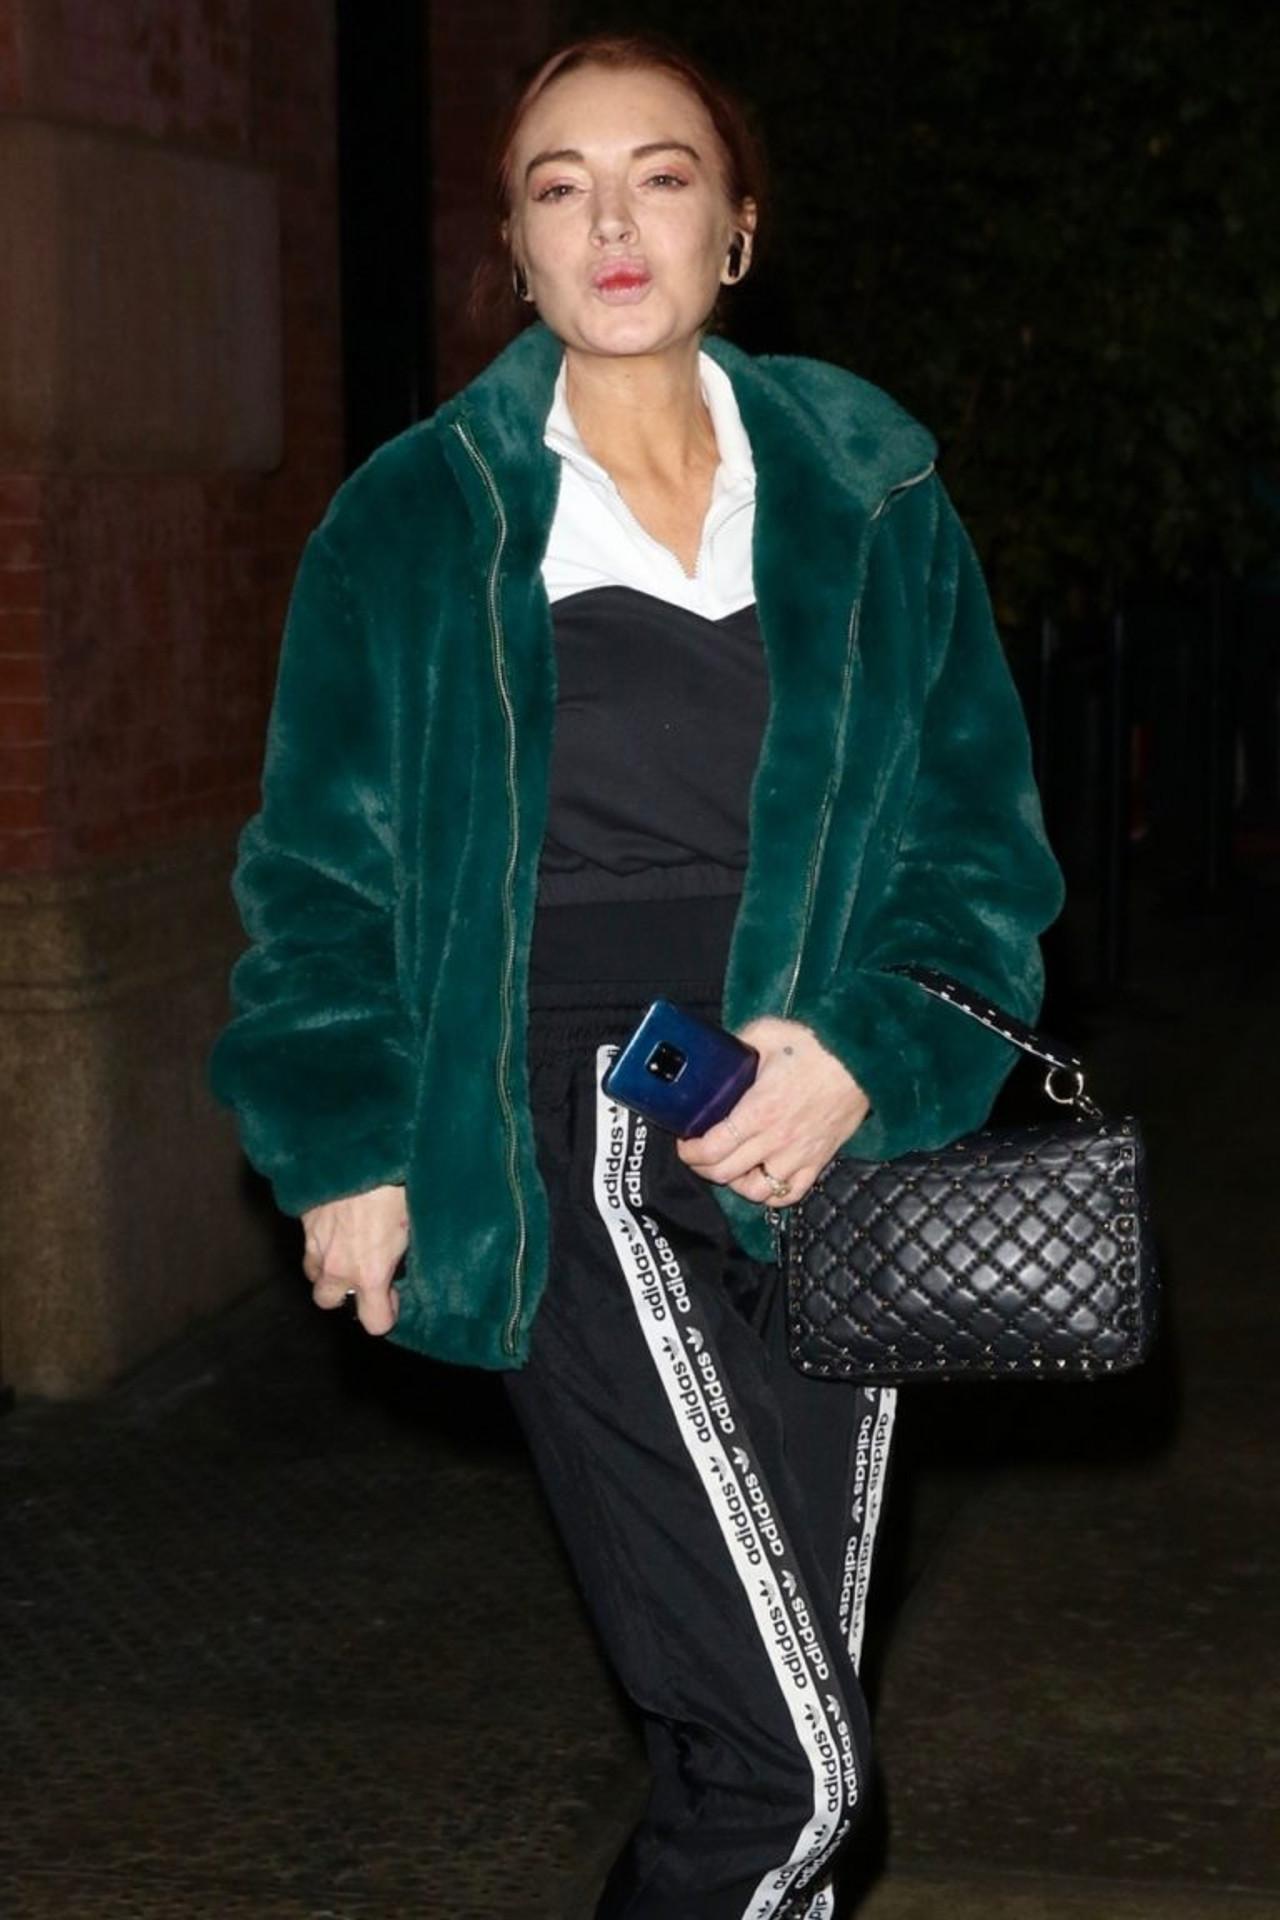 Lindsay Lohan przesadziła z zabiegami medycyny estetycznej, jej usta wyglądają dziwnie.